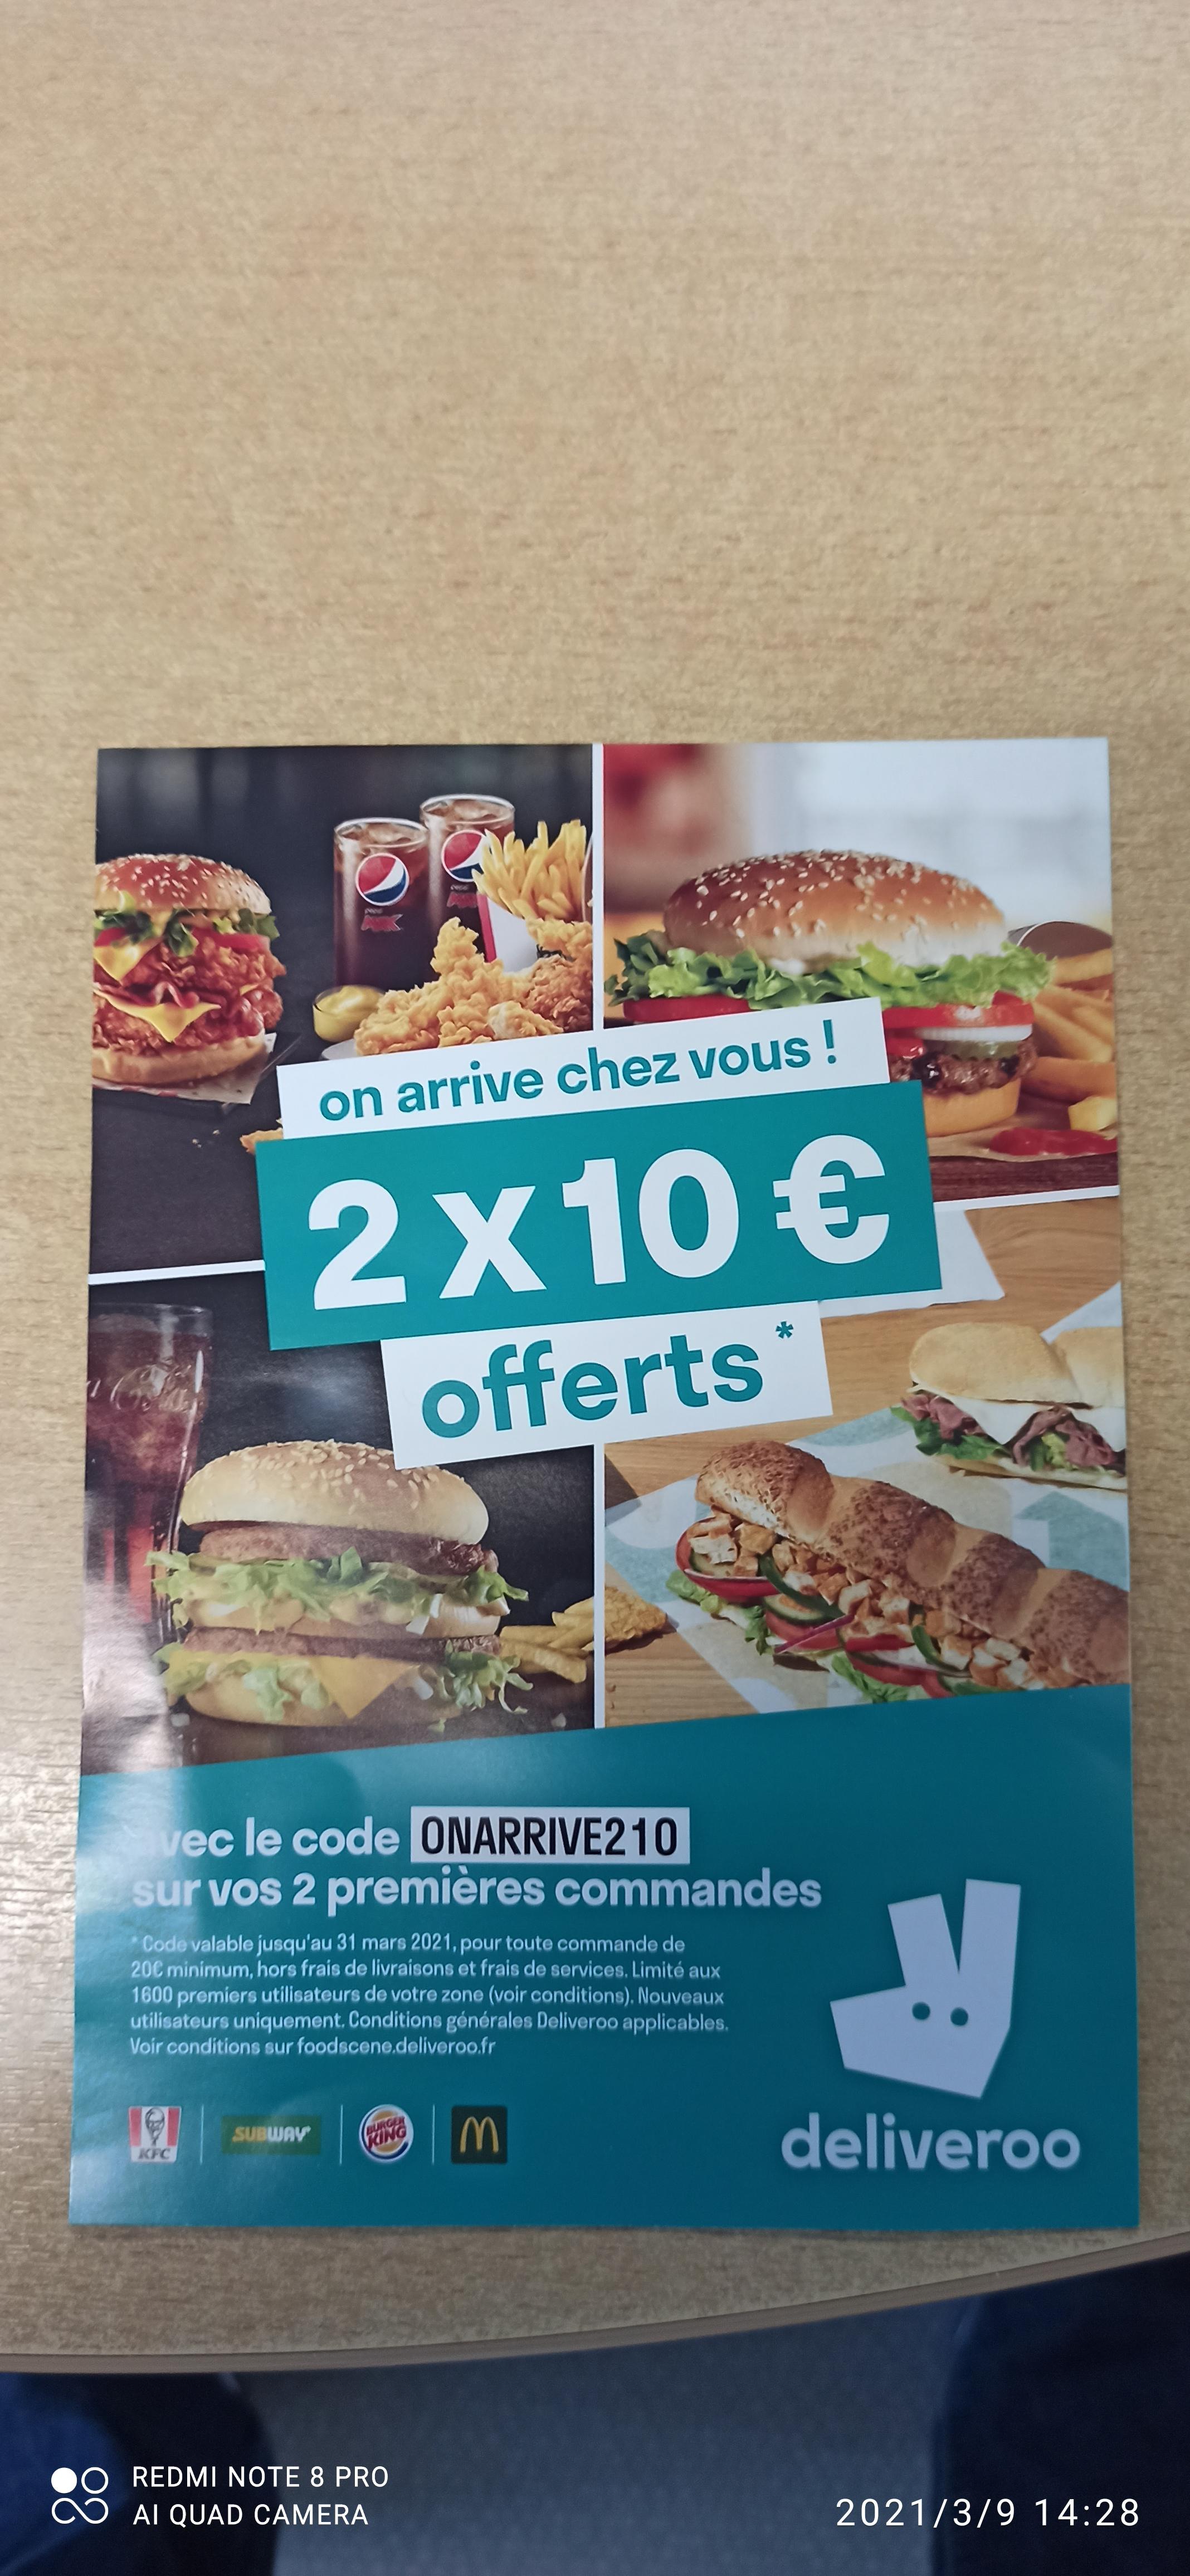 [Nouveaux clients] 10€ de réduction dès 20€ sur les 2 premières commandes - Dunkerque (59)